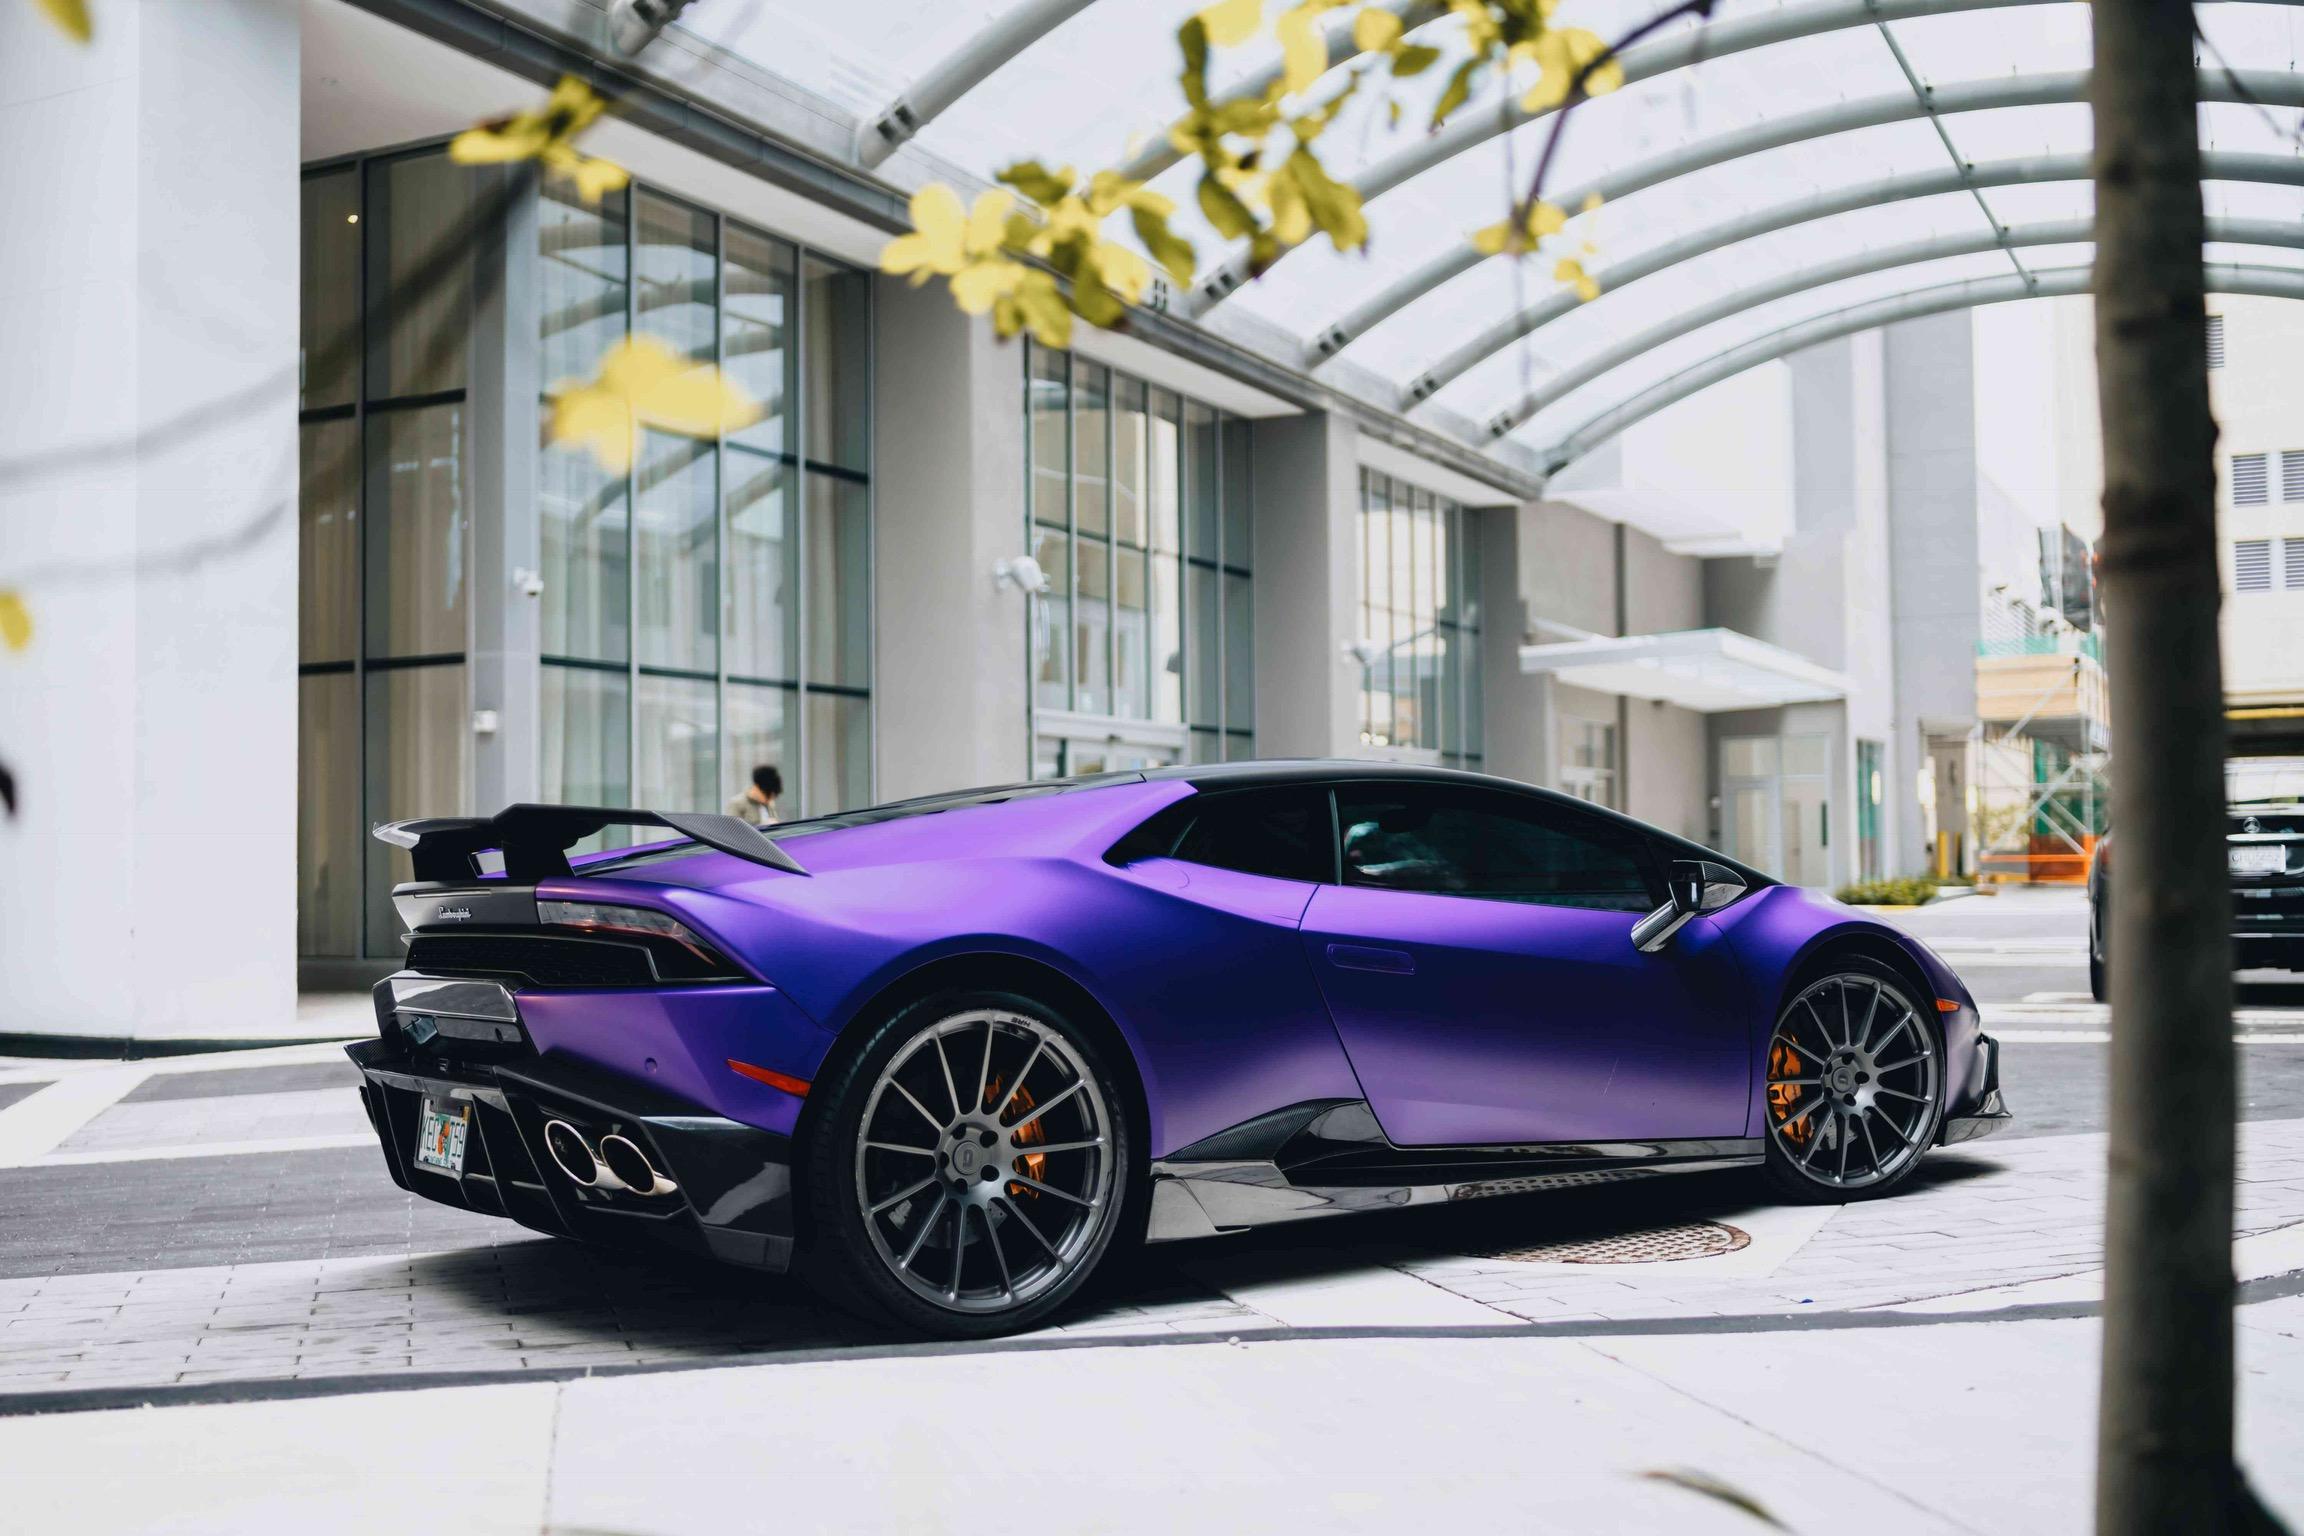 PurpleLambo3